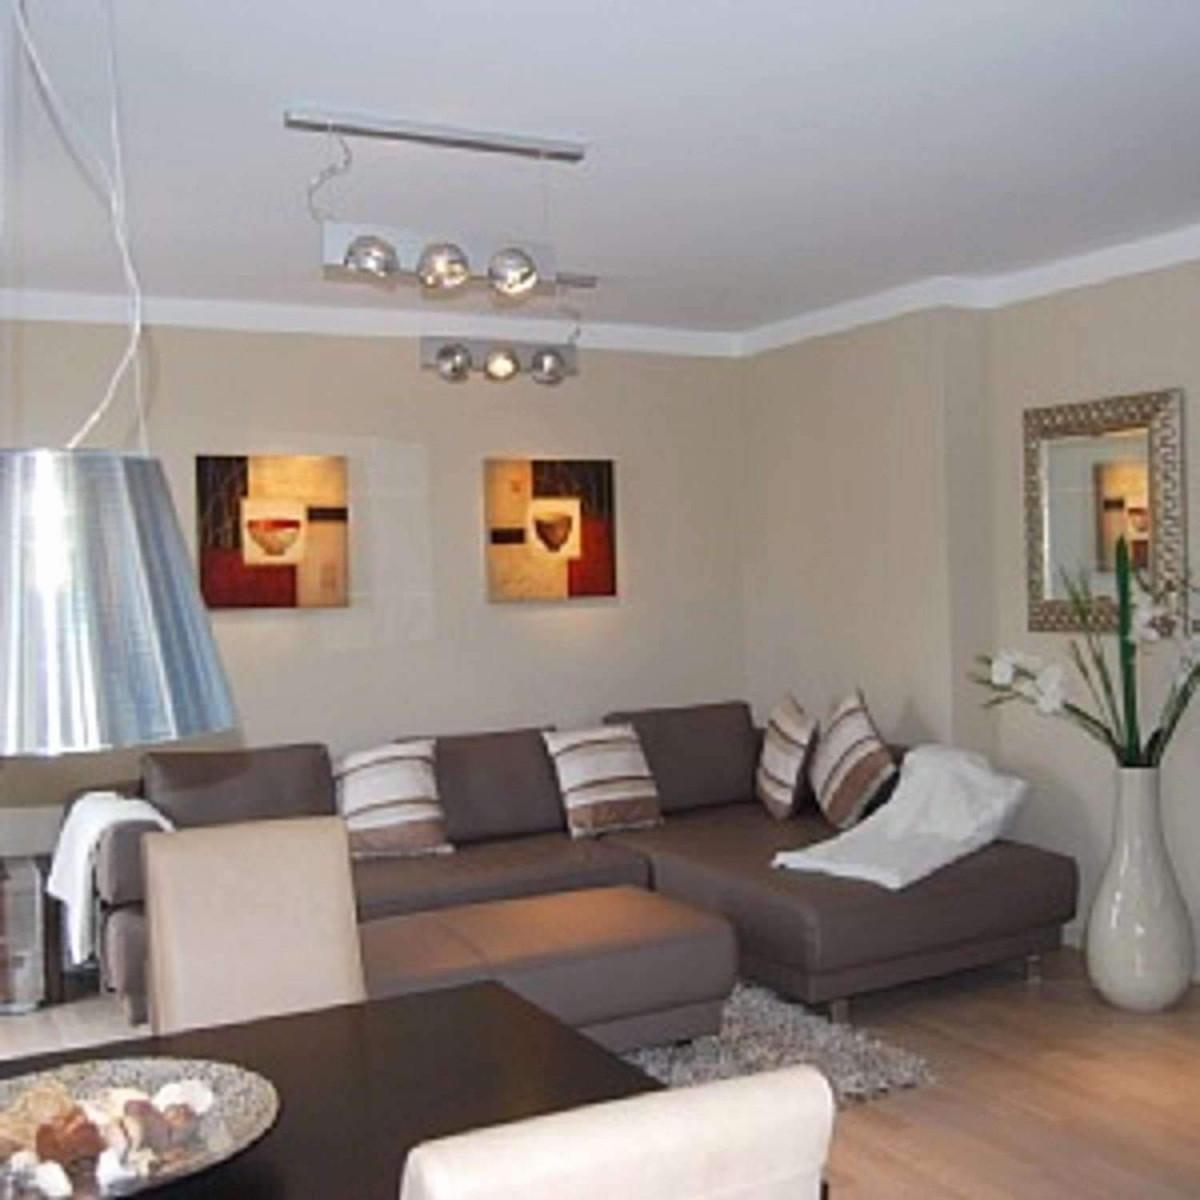 Tapeten Wohnzimmer Beige Genial 30 Einzigartig Von Tapeten von Tapeten Wohnzimmer Beige Bild